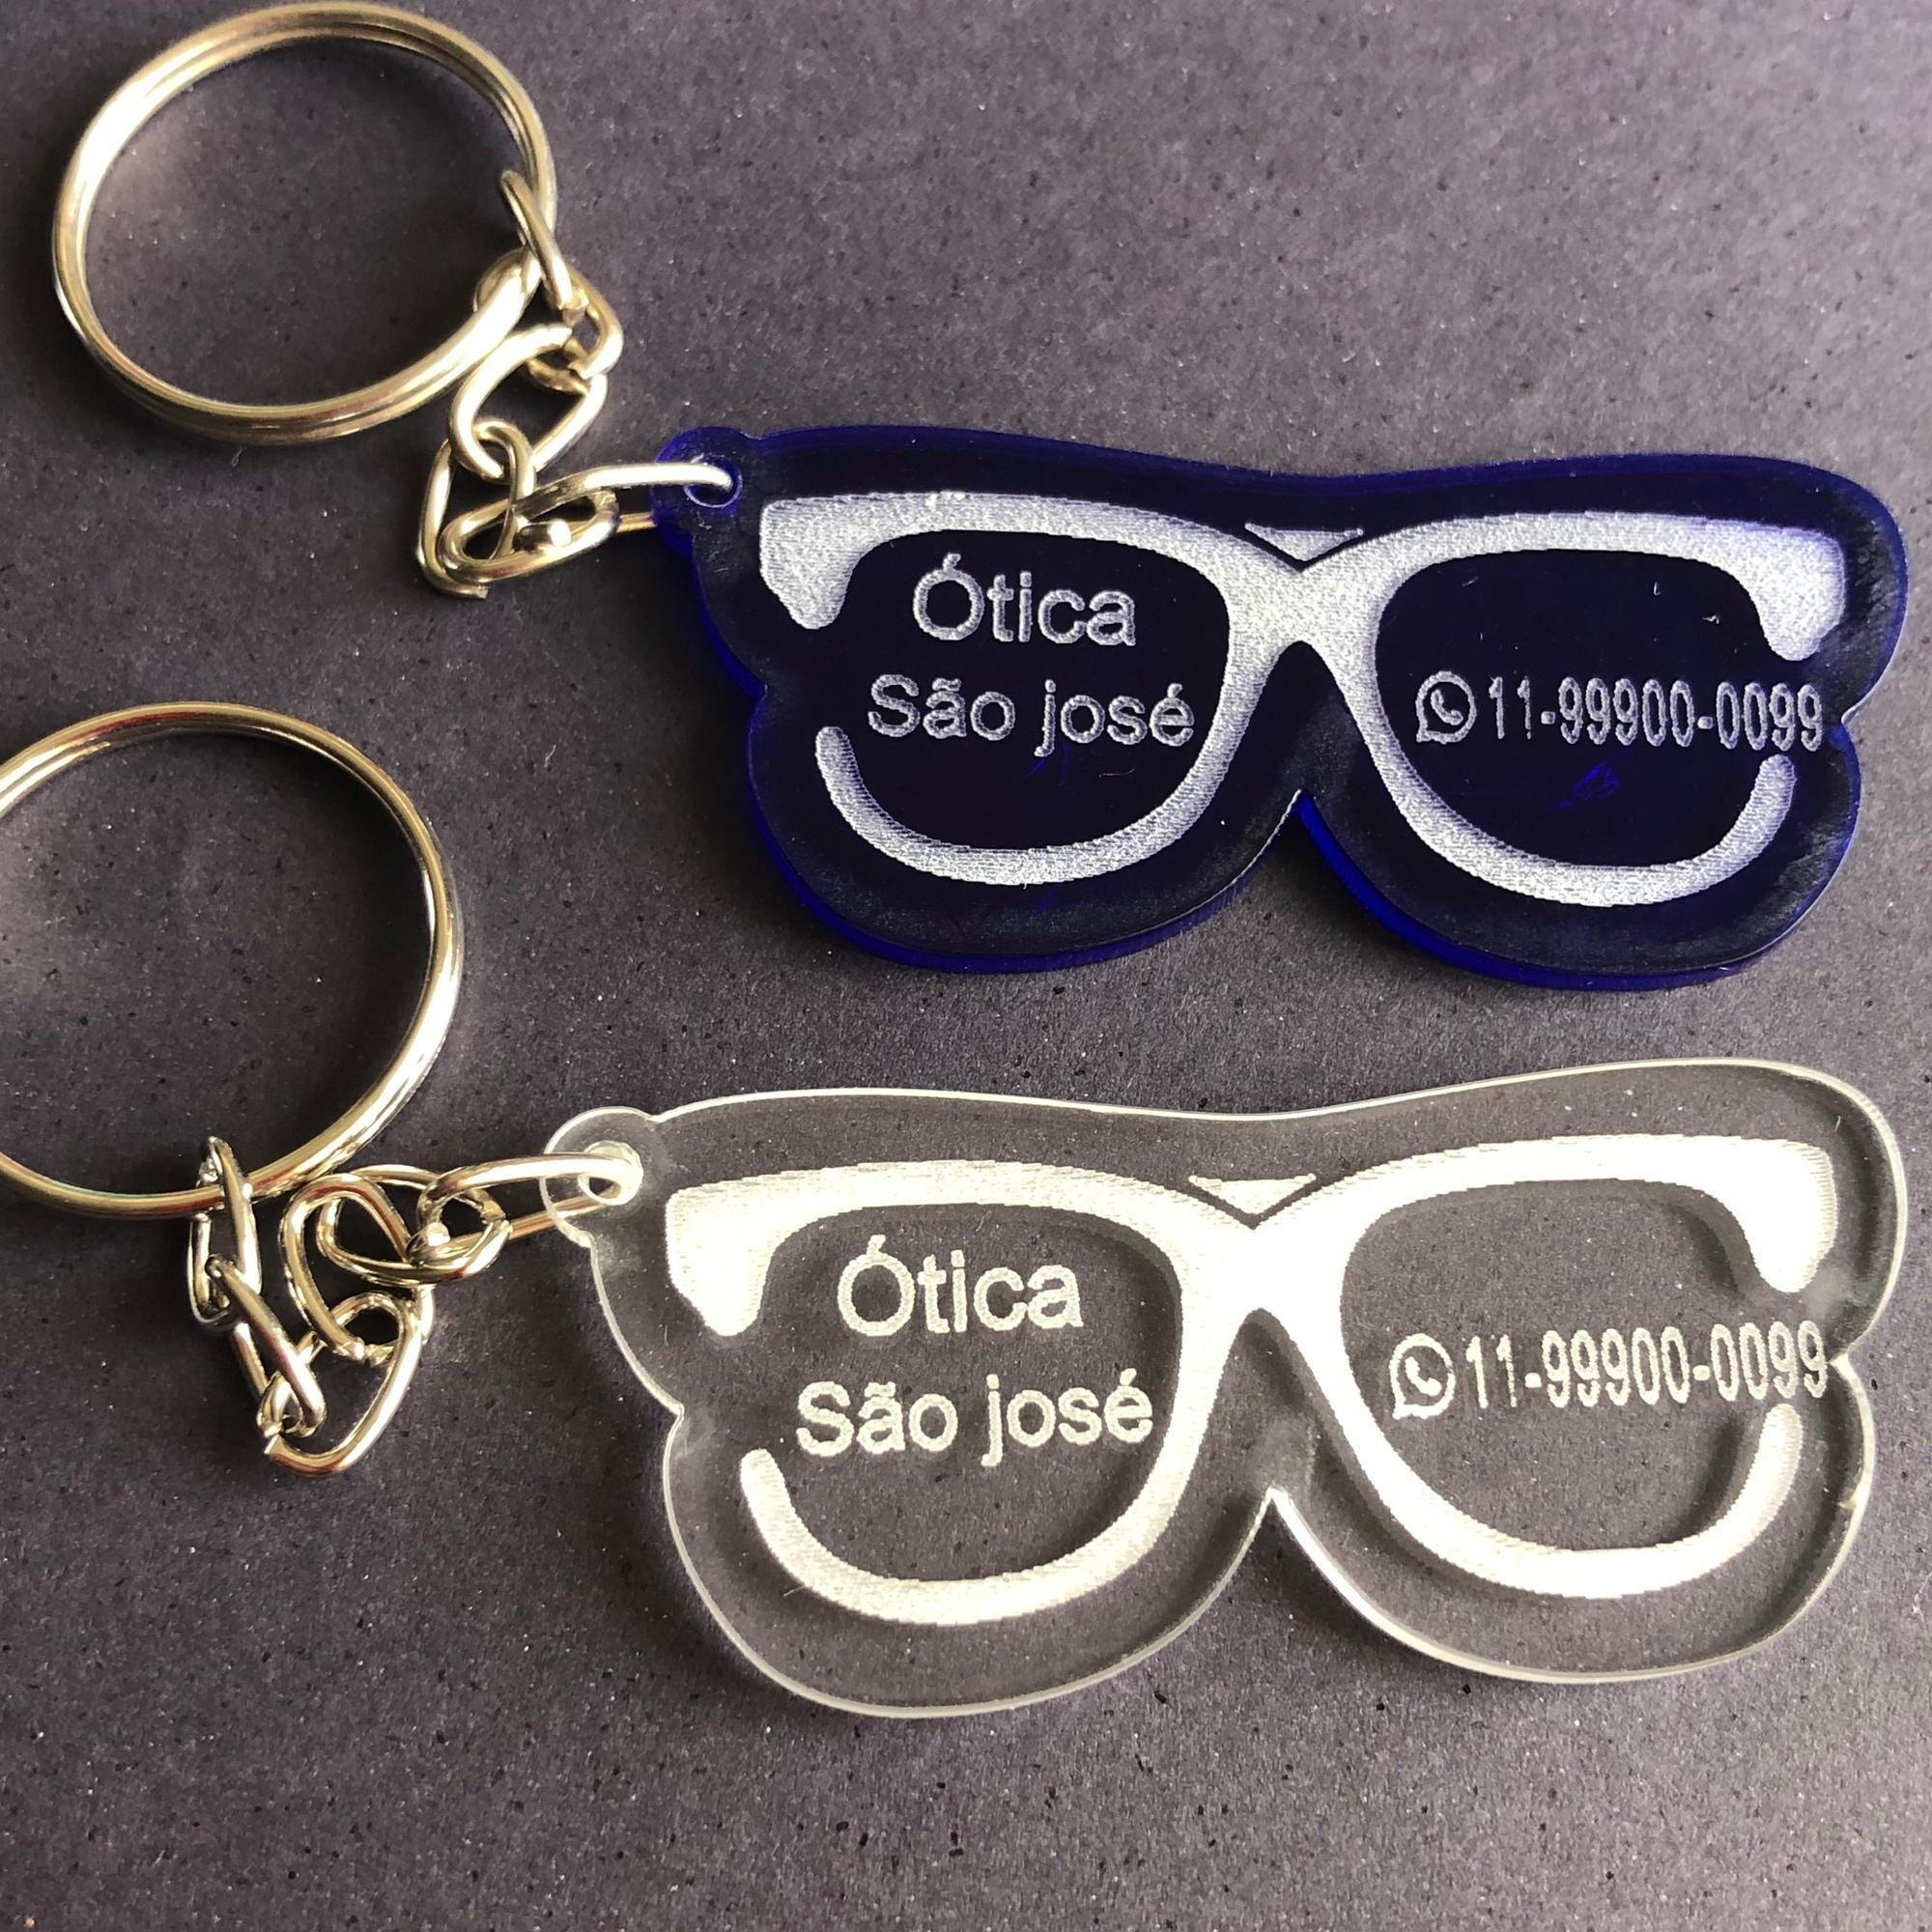 Otica   Elo7 d235f8eca6